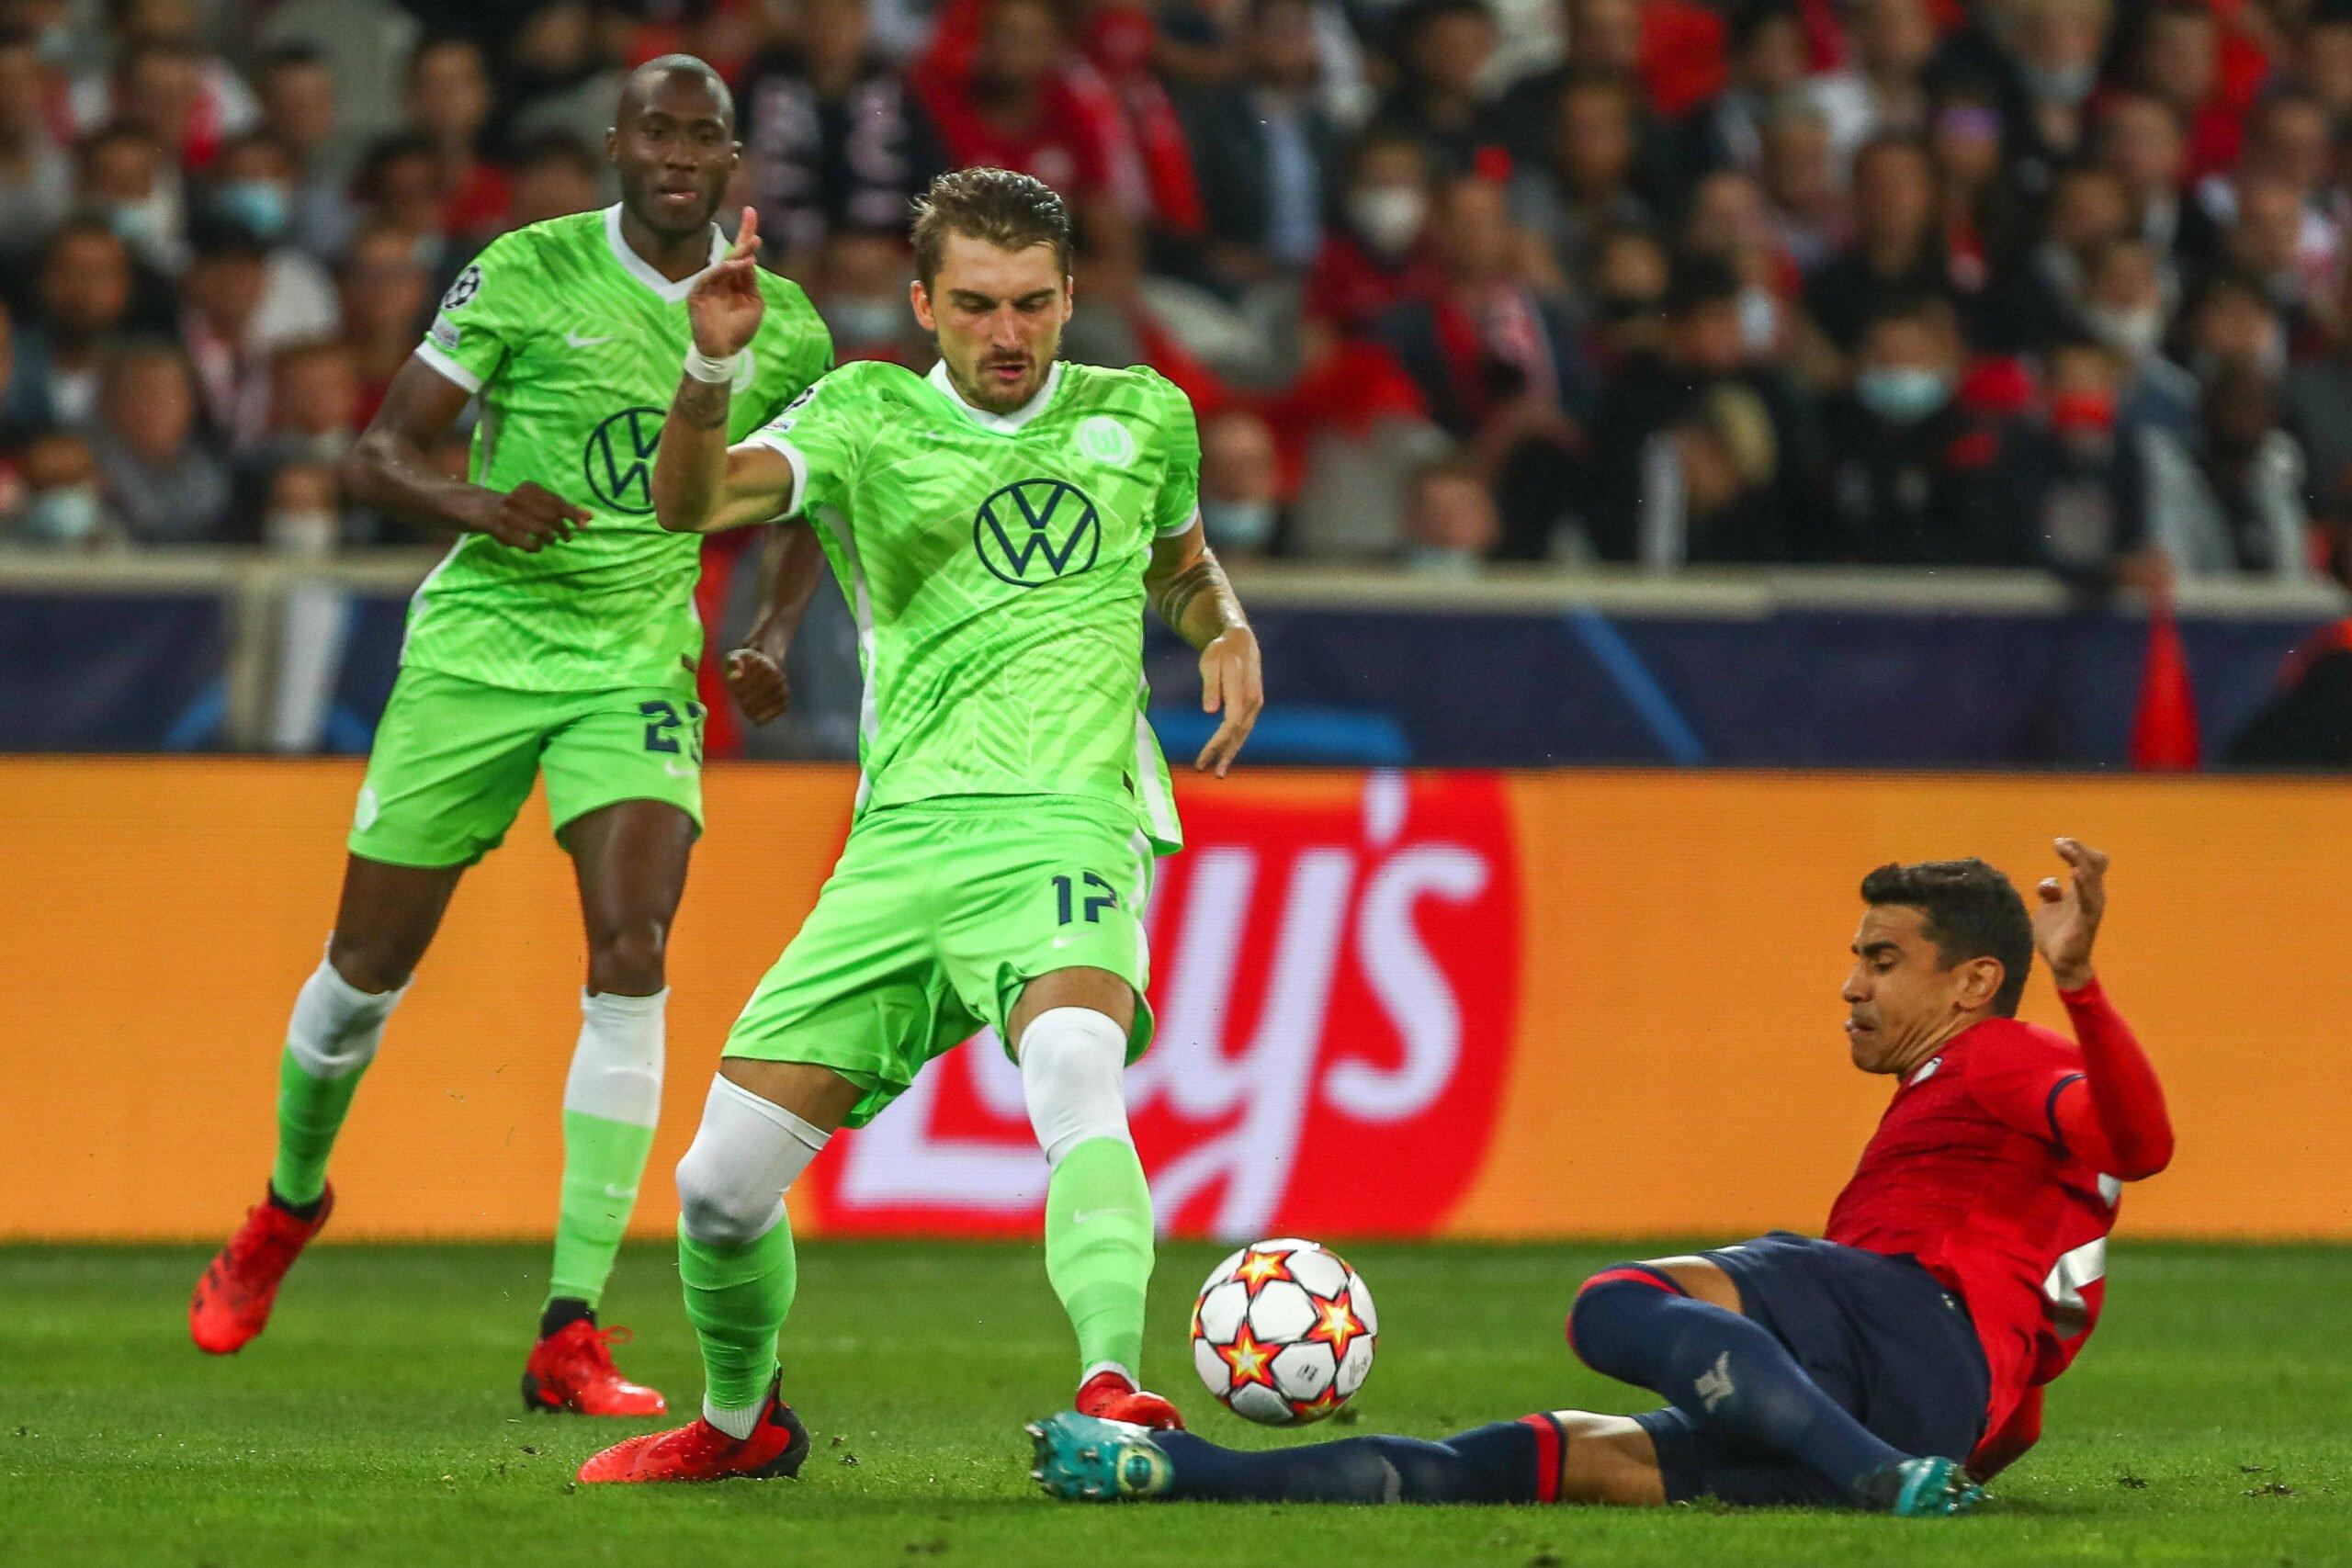 Lille và Wolfsburg đã kết thúc trận đấu với tỷ số 0-0